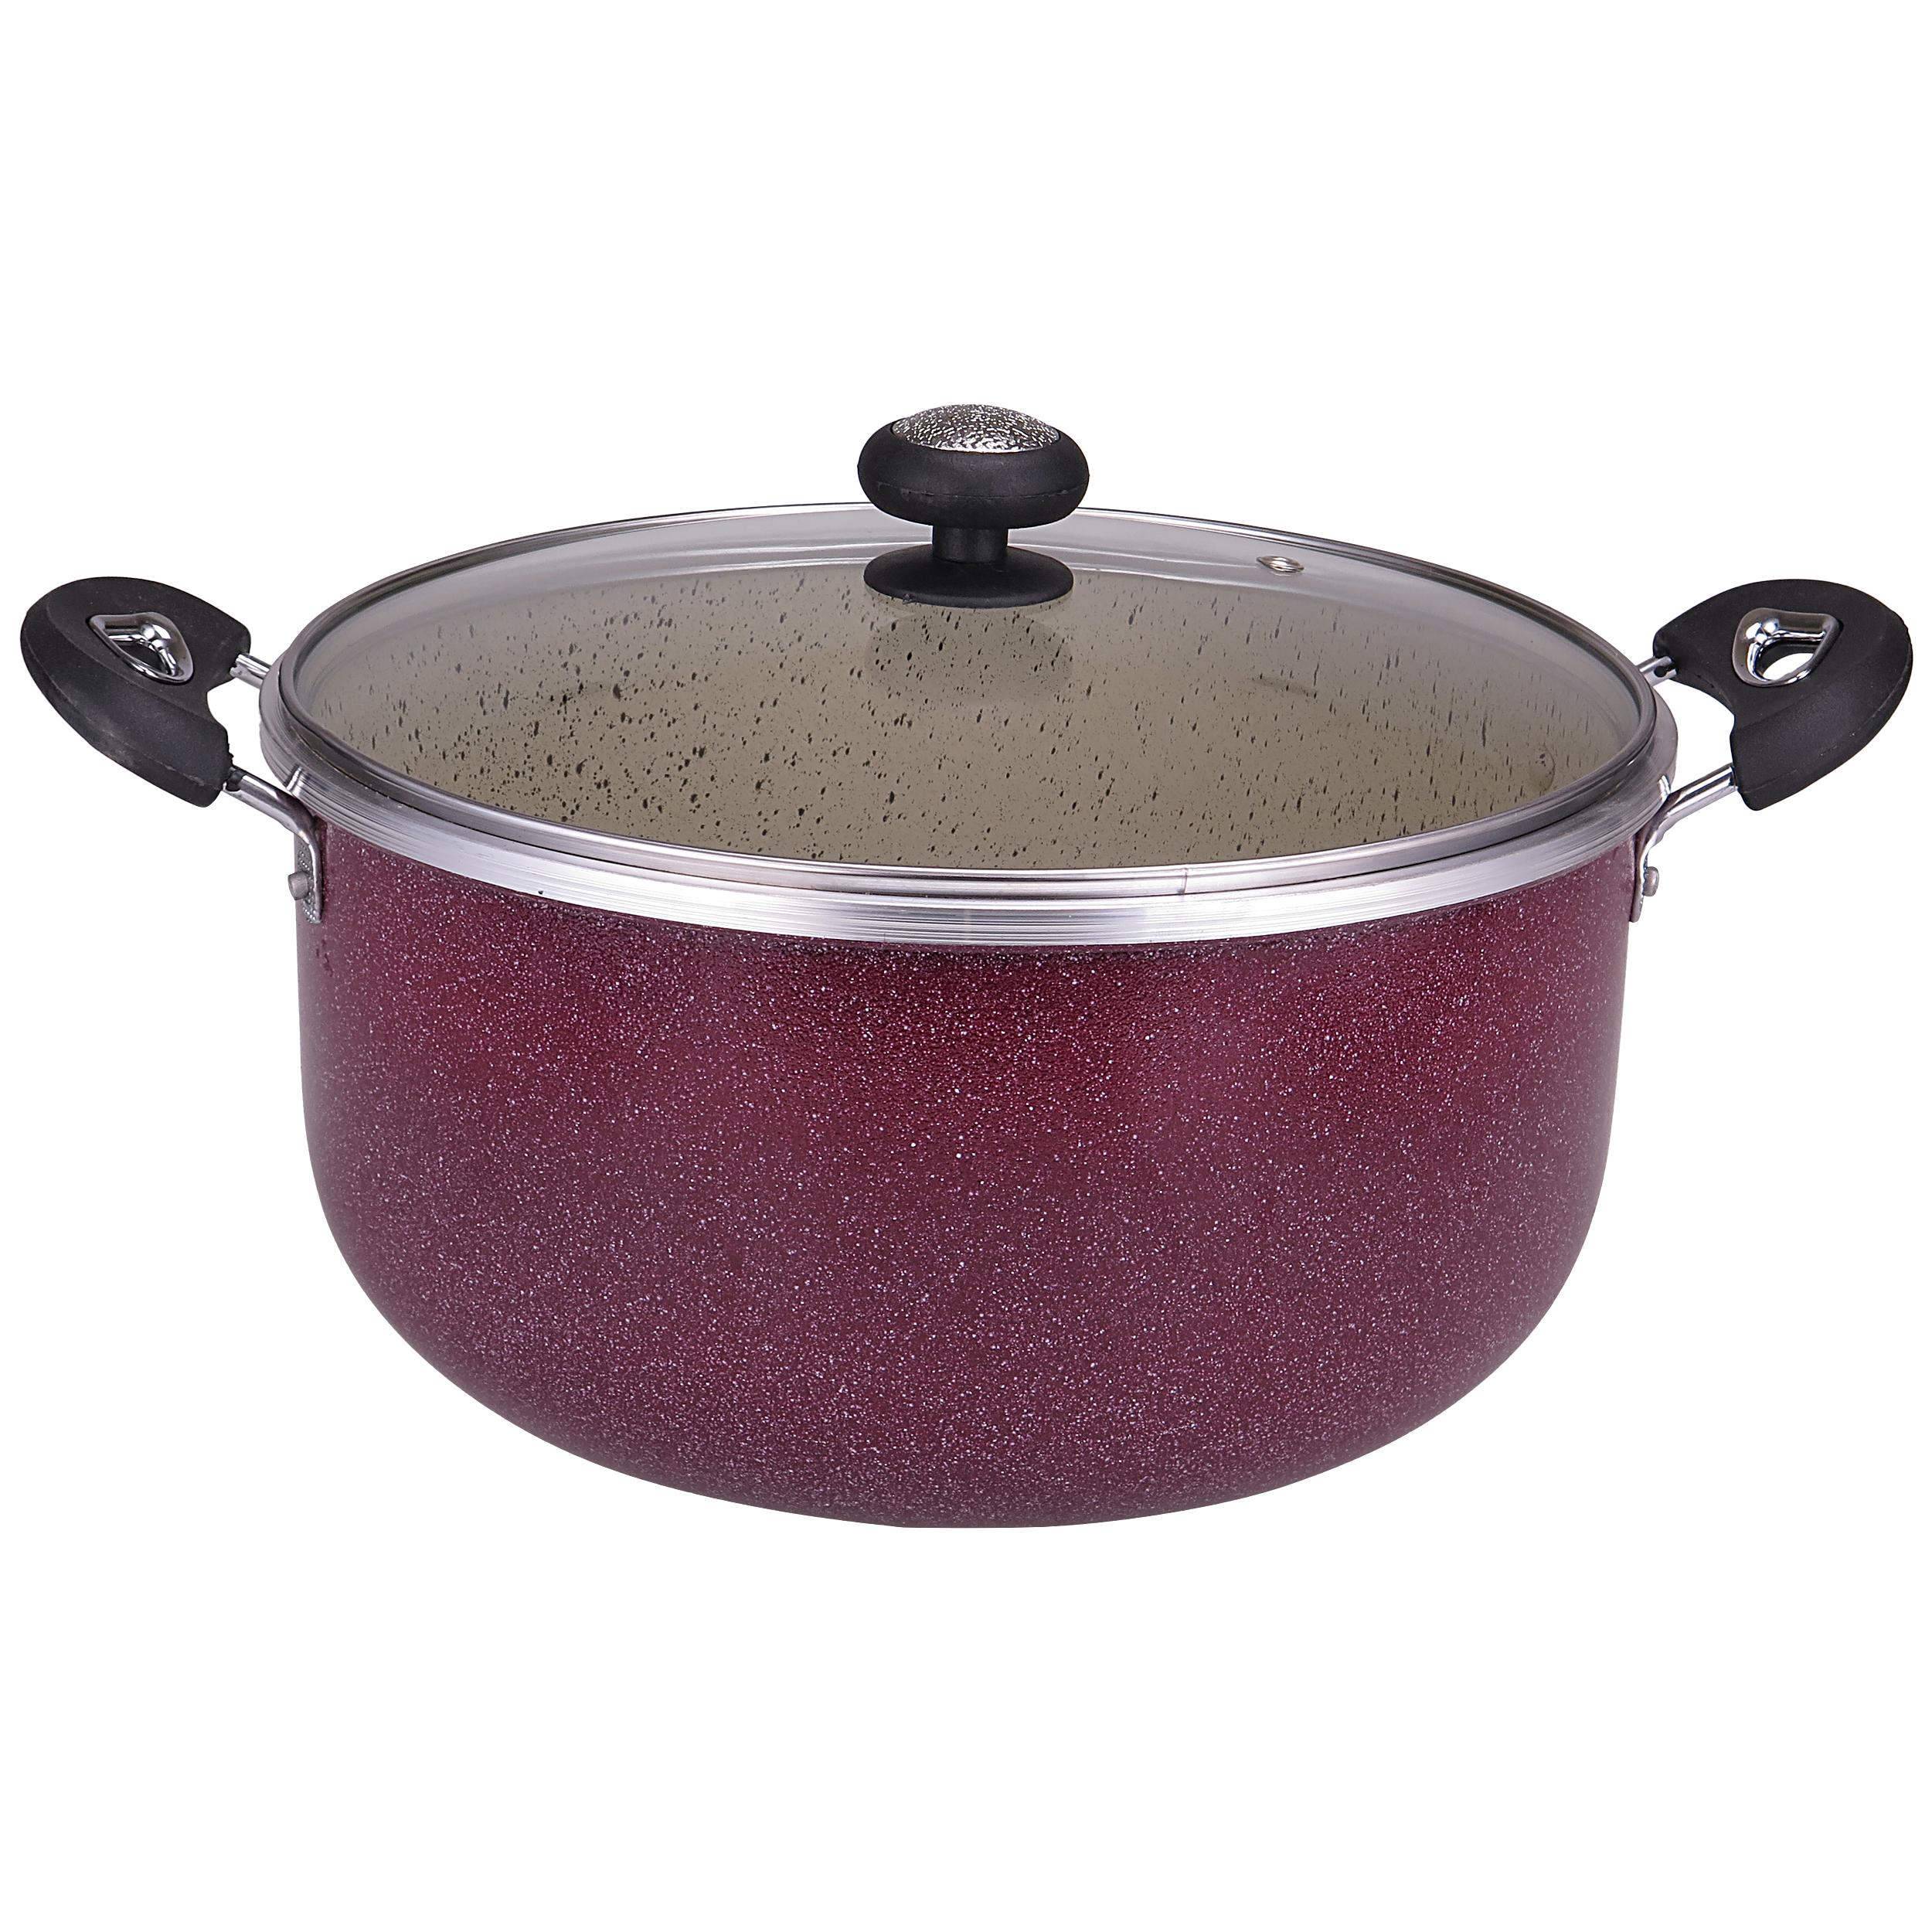 سرویس پخت و پز 7 پارچه مدل طرخان کد 12